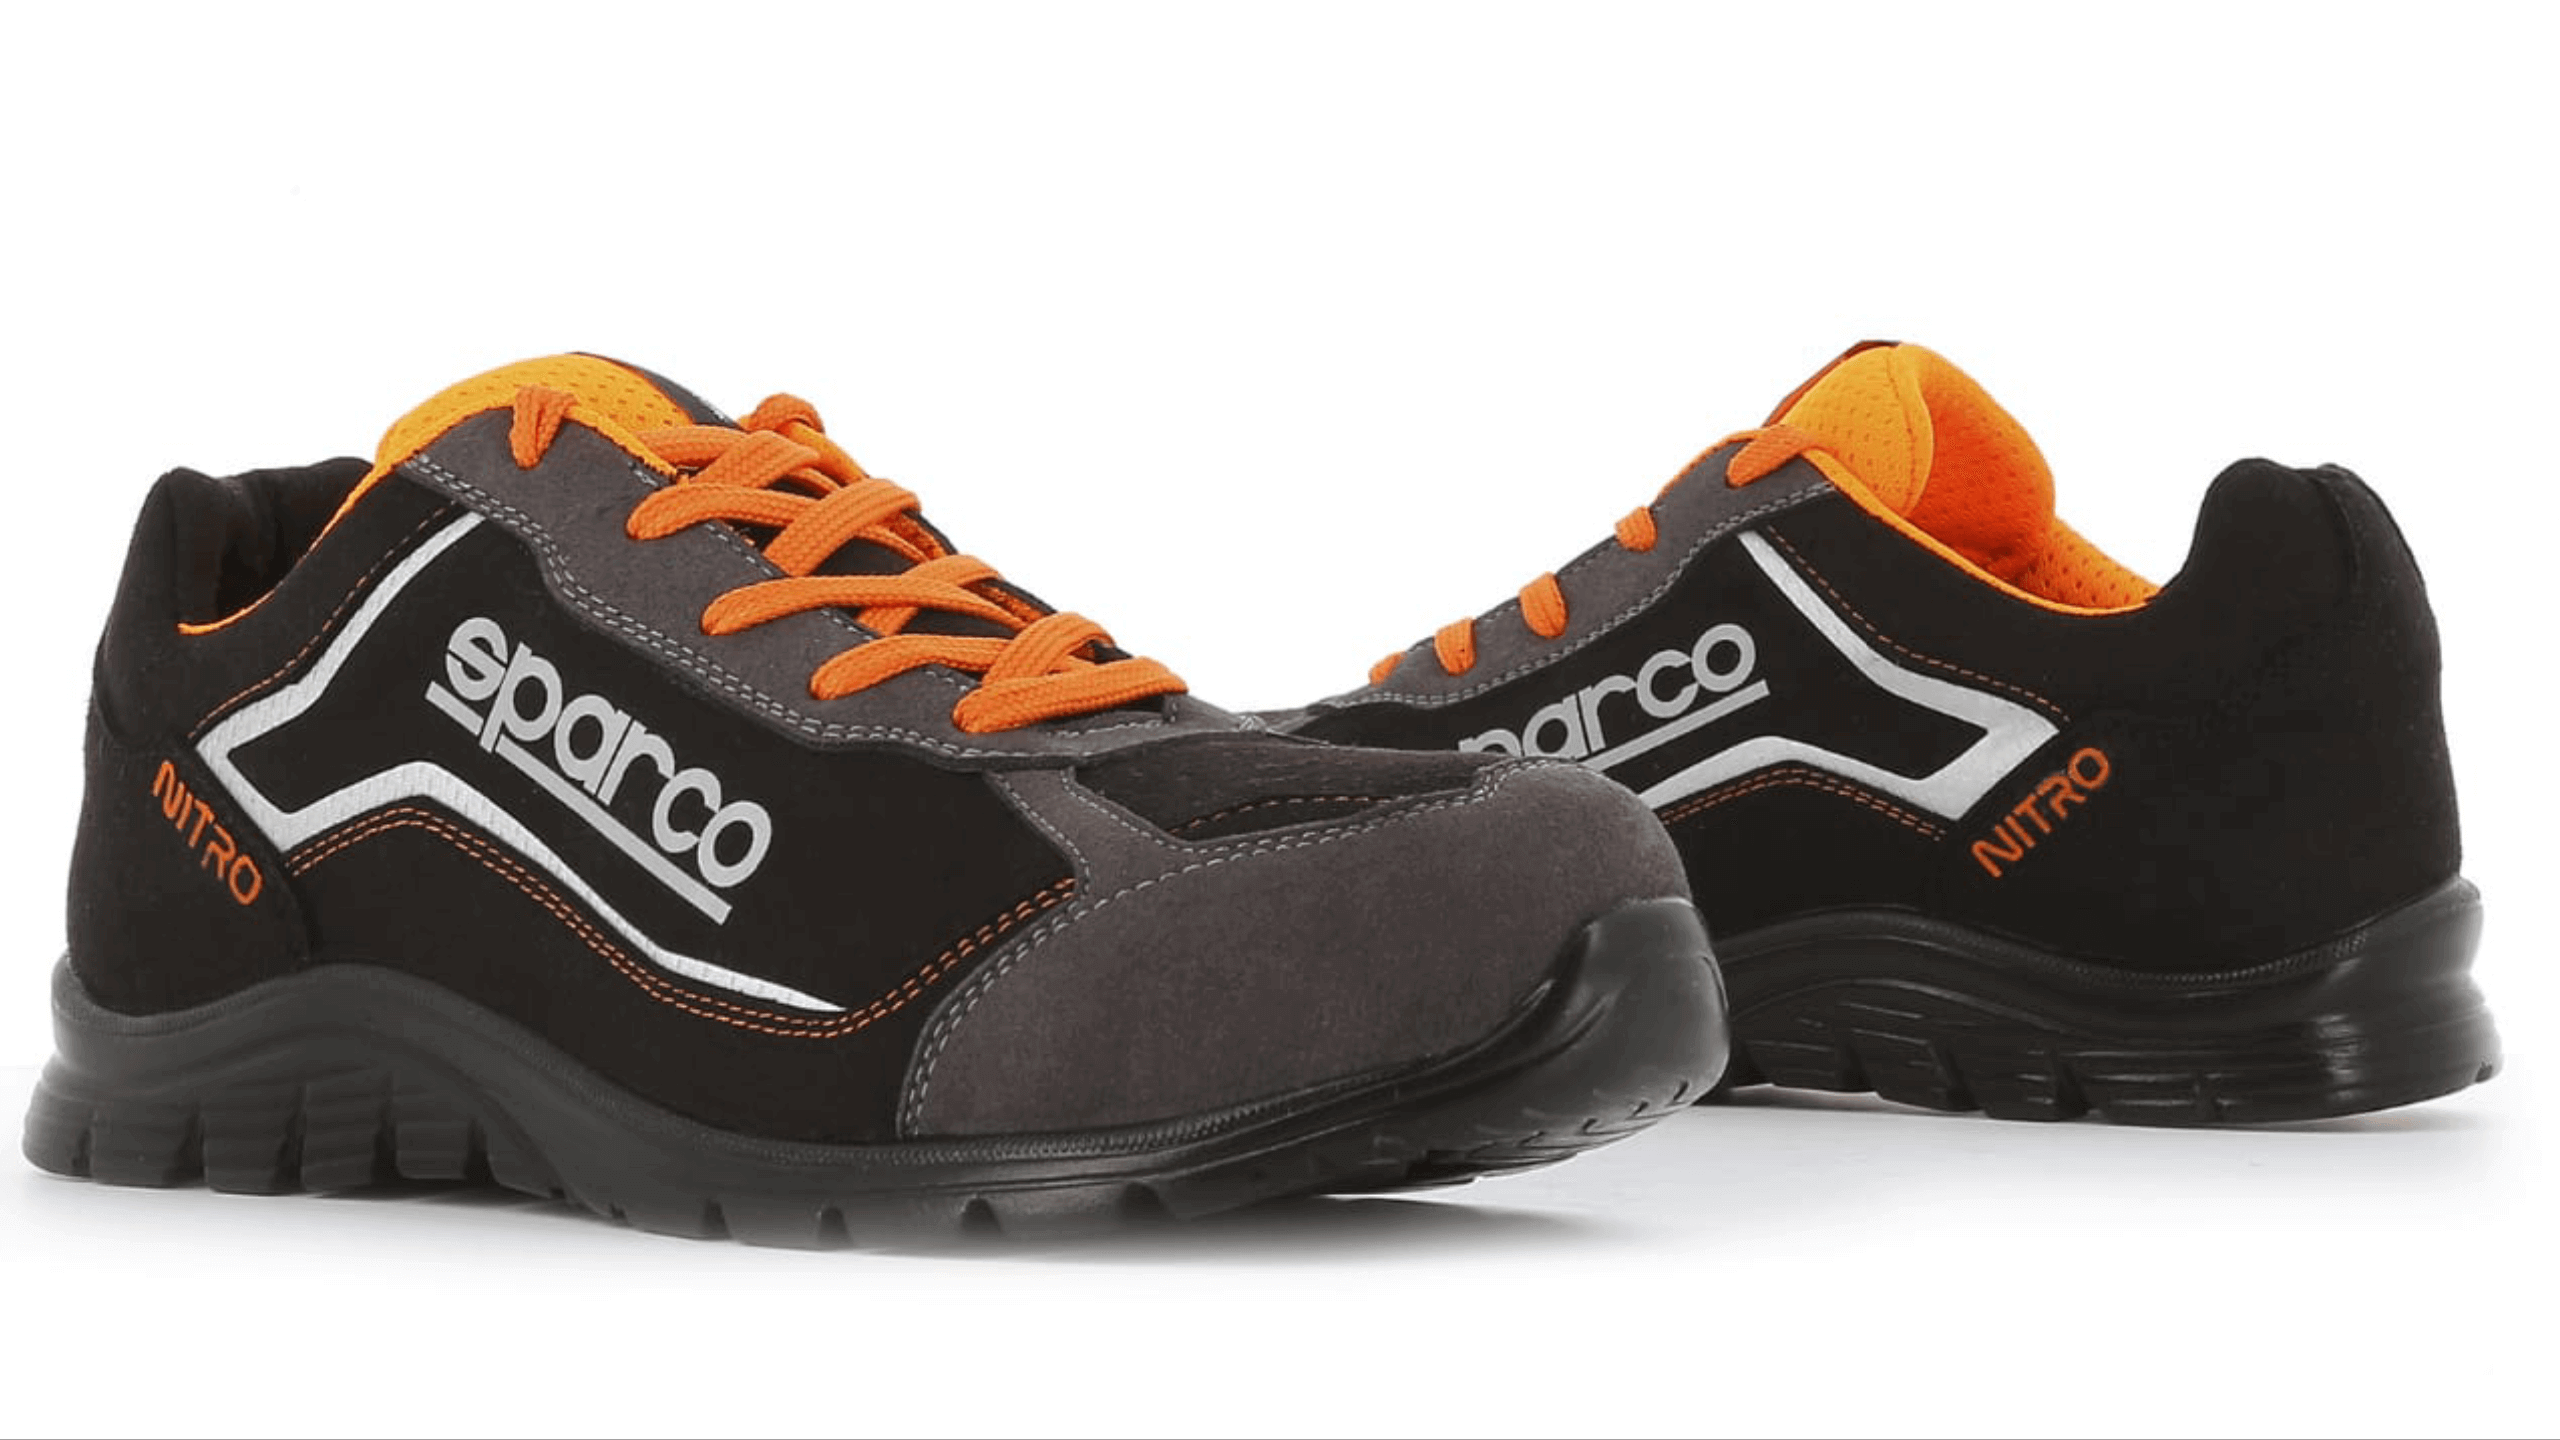 3a54702d30030 Los Zapatos de Seguridad más cómodos